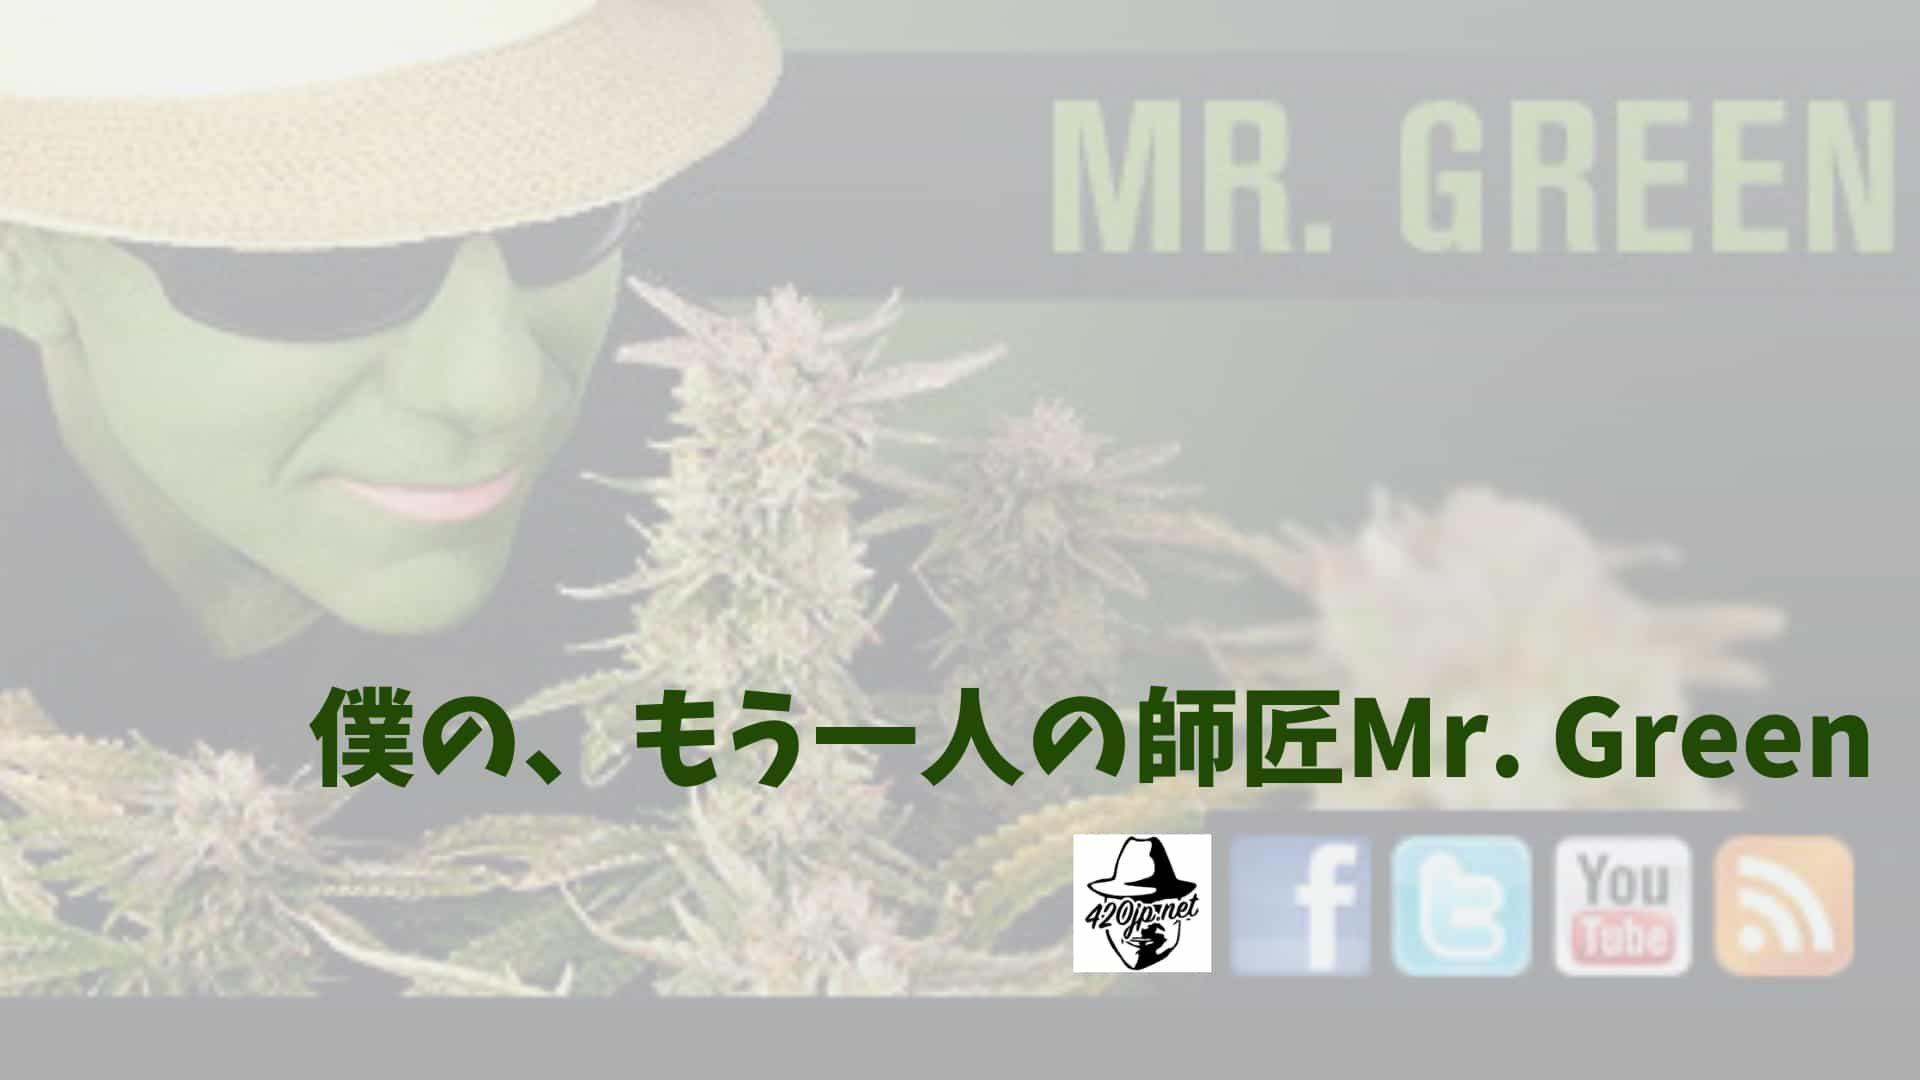 僕の、もう一人の師匠Mr. Green